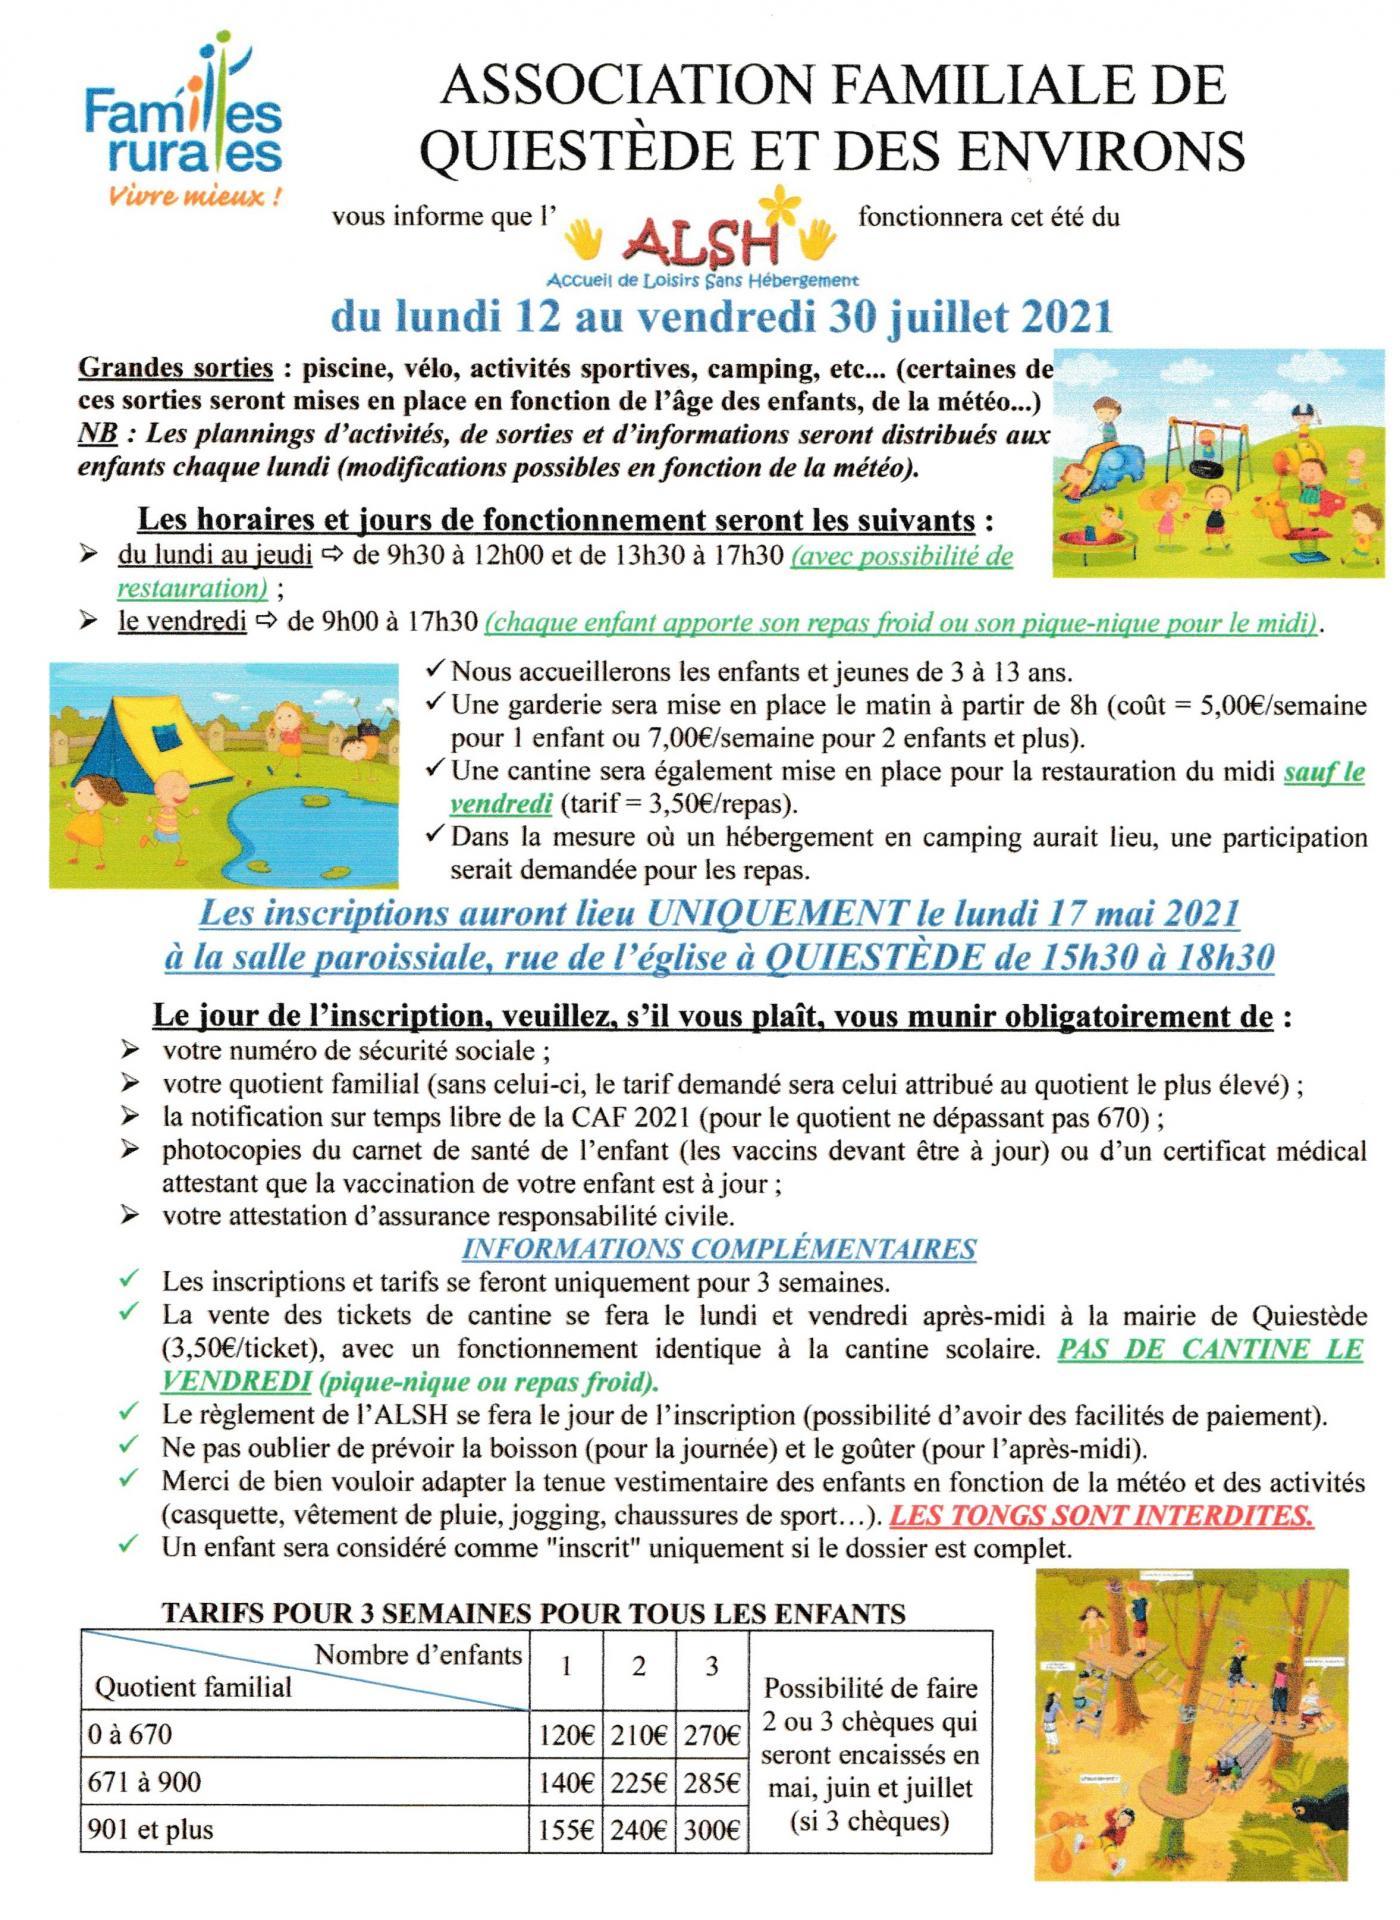 ASSOCIATION FAMILIALE DE QUIESTÈDE ET DES ENVIRONS